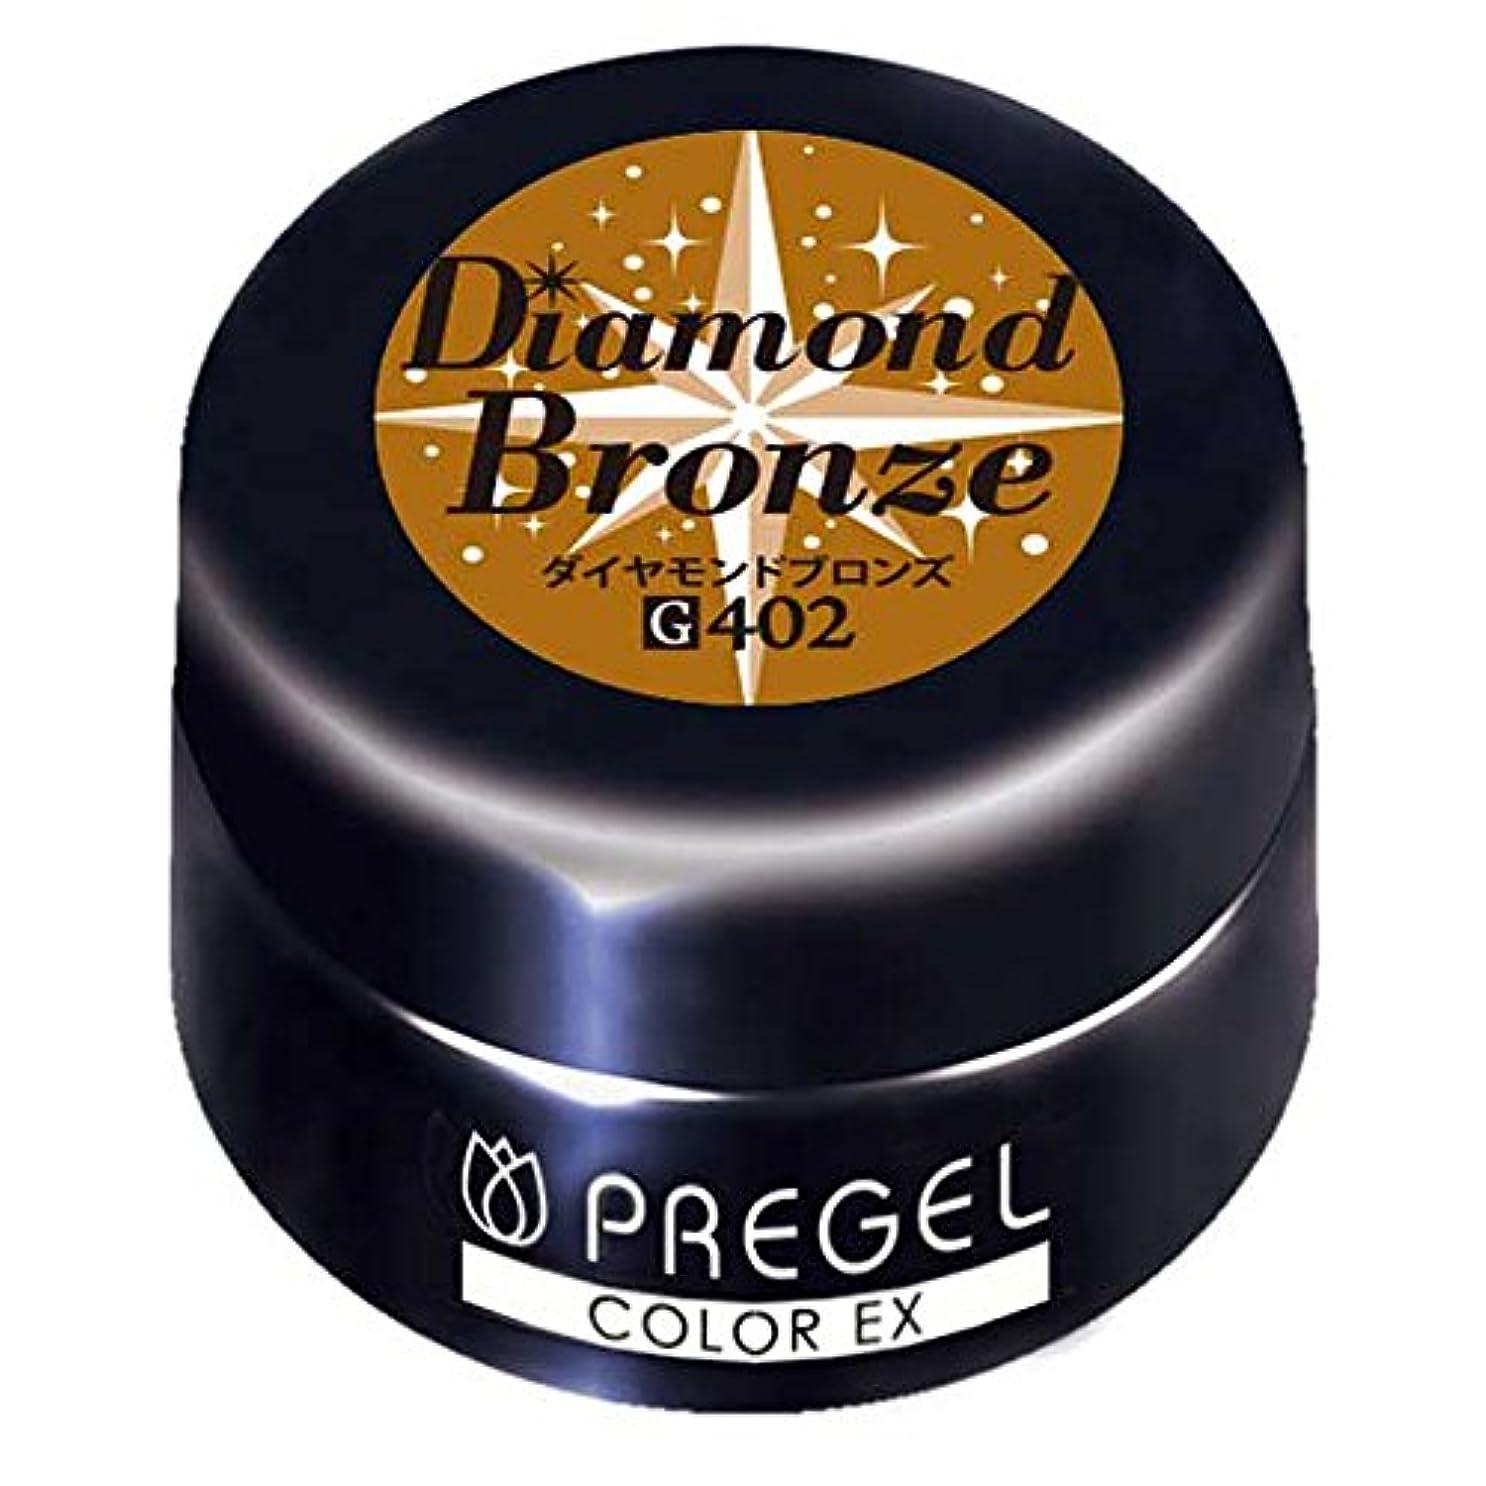 恥ずかしさ忙しい前にPRE GEL カラーEX ダイヤモンドブロンズCE402 UV/LED対応 カラージェル